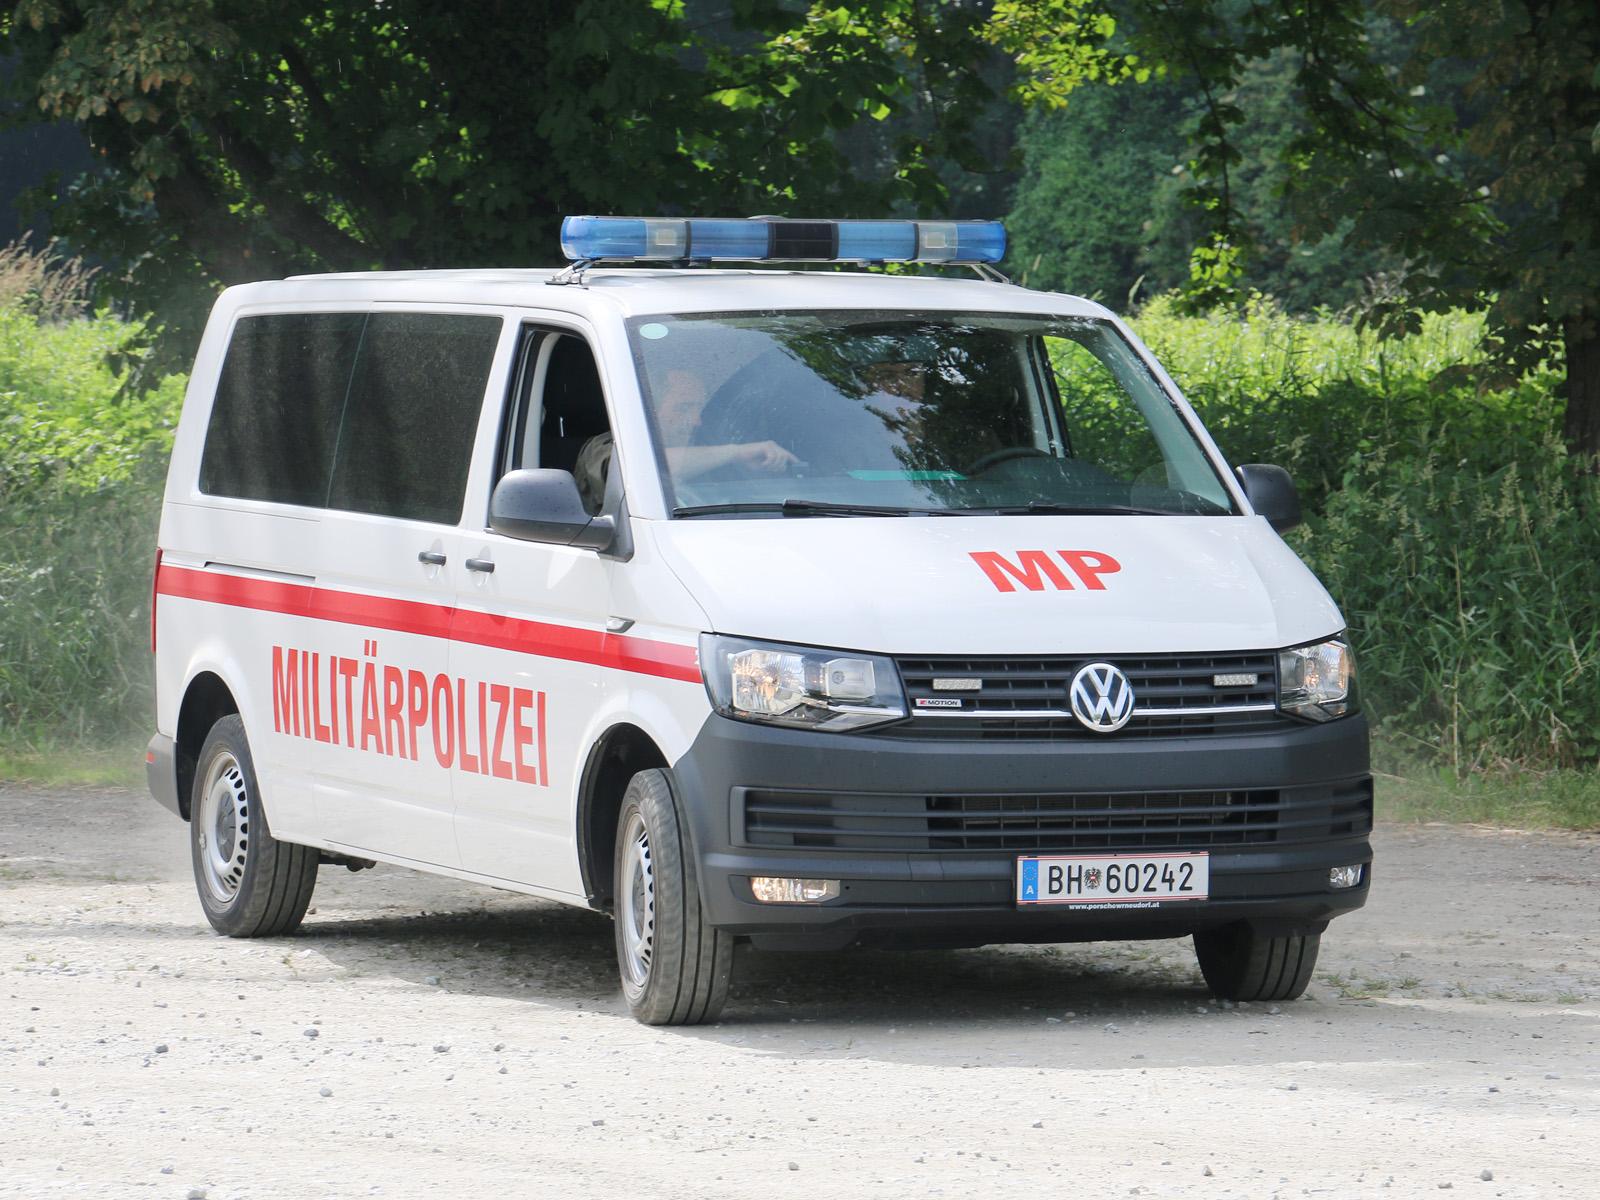 VW Transporter T6 2.0 TDI 4motion mit 150 PS Turbodiesel der Militärpolizei mit zwei Schiebetüren, Blaulicht, Folgetonhorn und Frontblitzer im Kühlergrill © Doppeladler.com